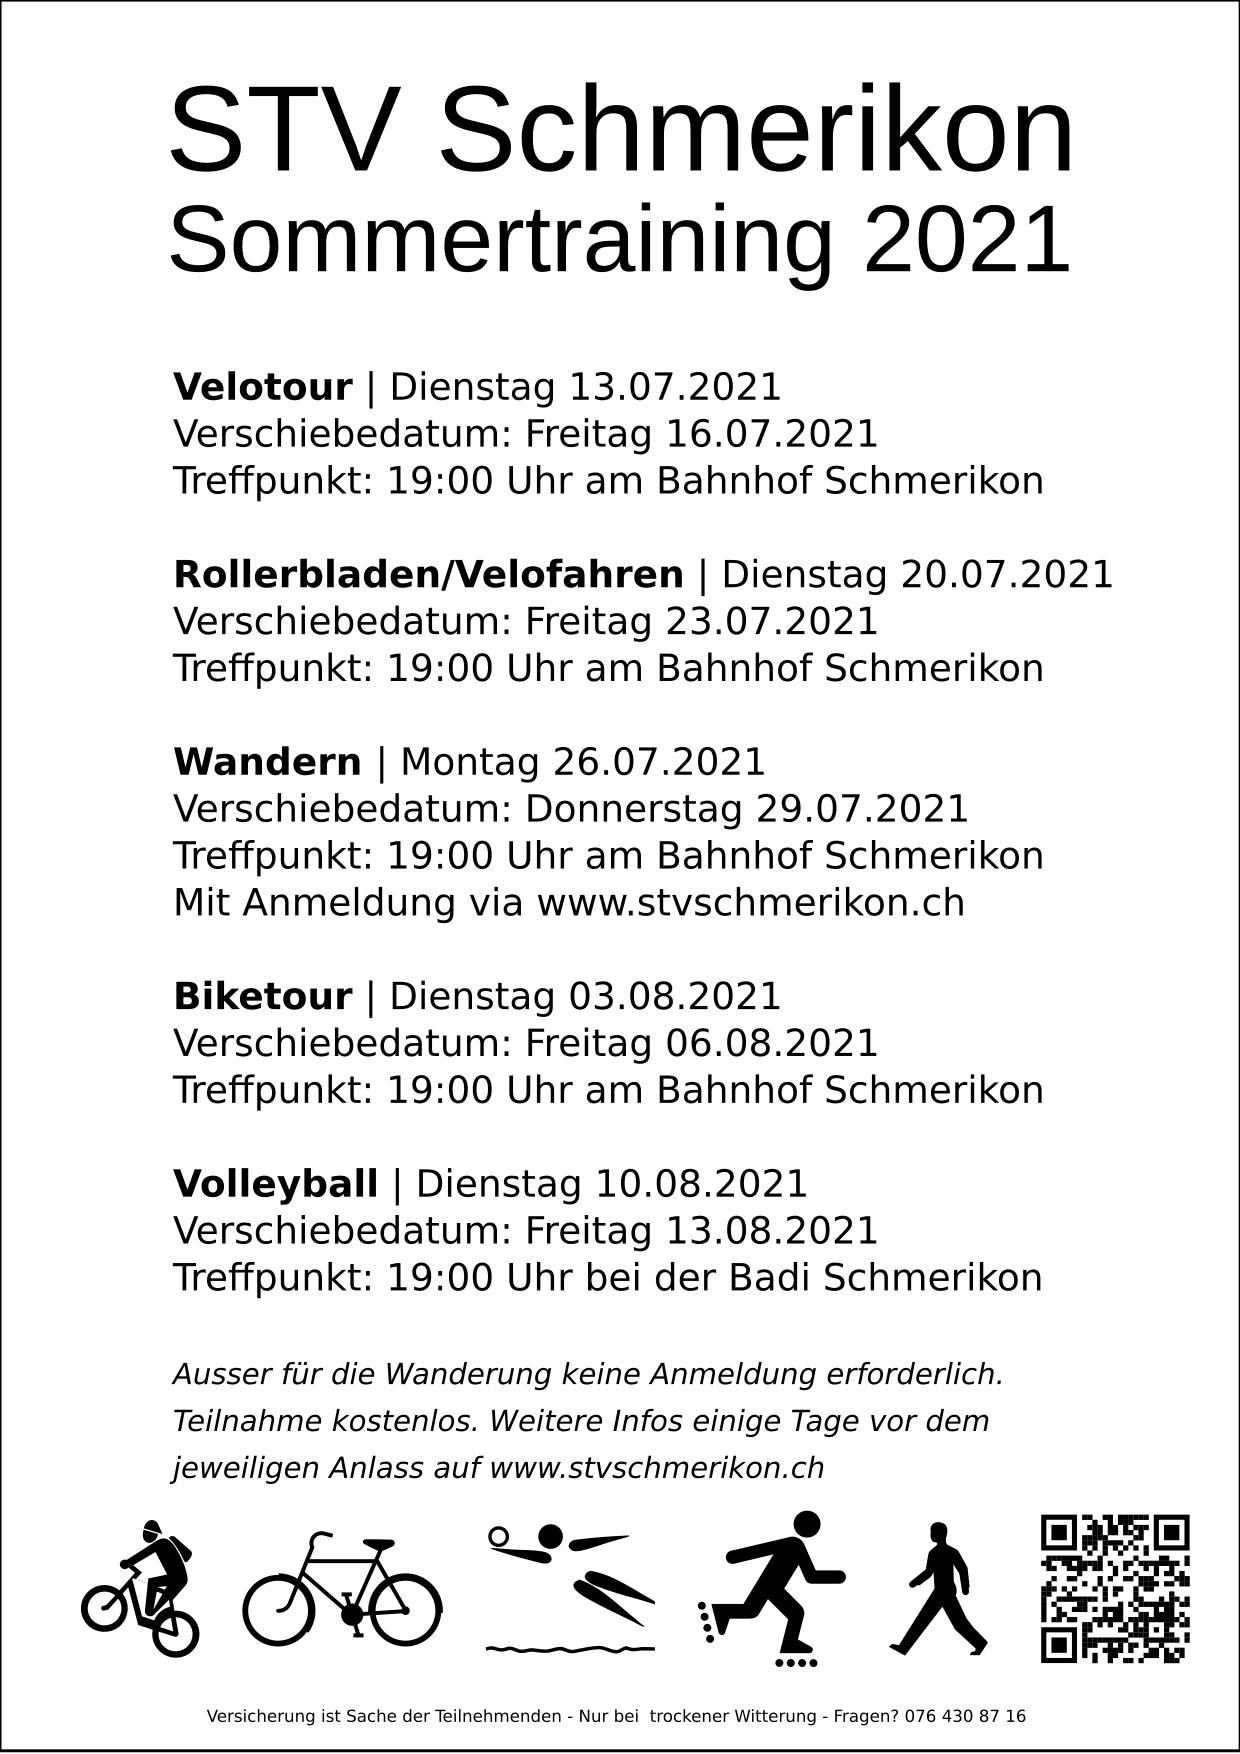 STV Schmerikon Sommertrainig 2021 - Teilnahme offen für alle